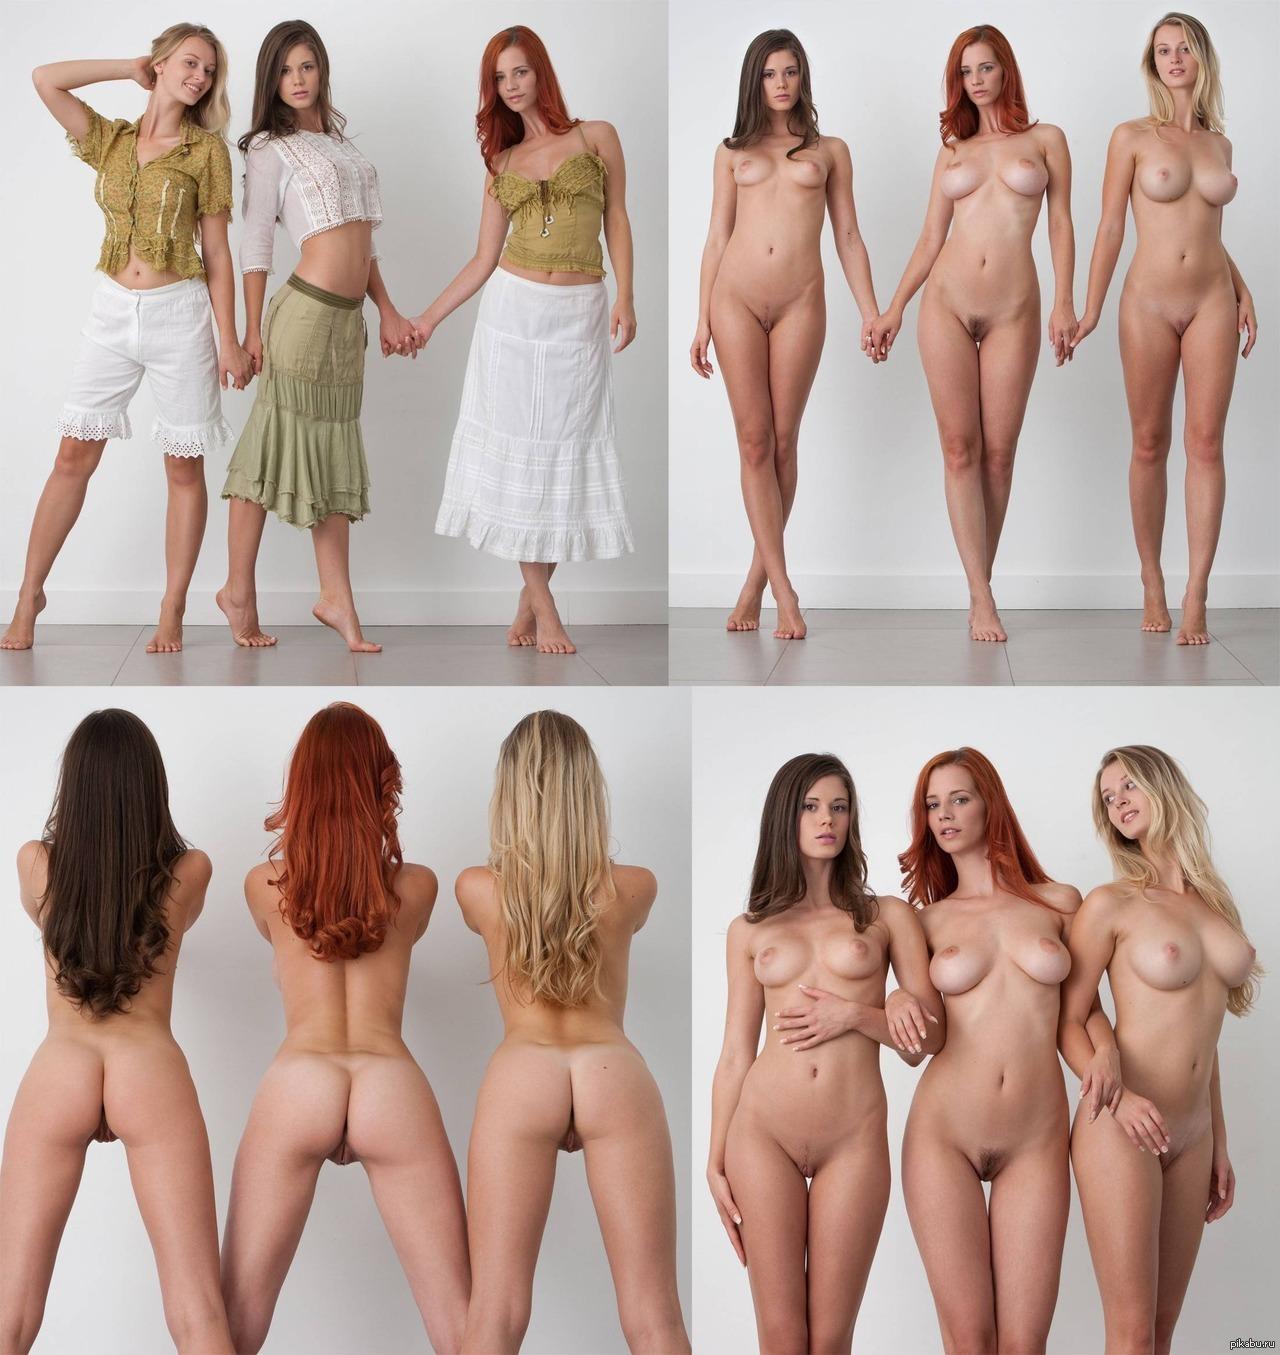 Фотографии девушек без одежды 7 фотография